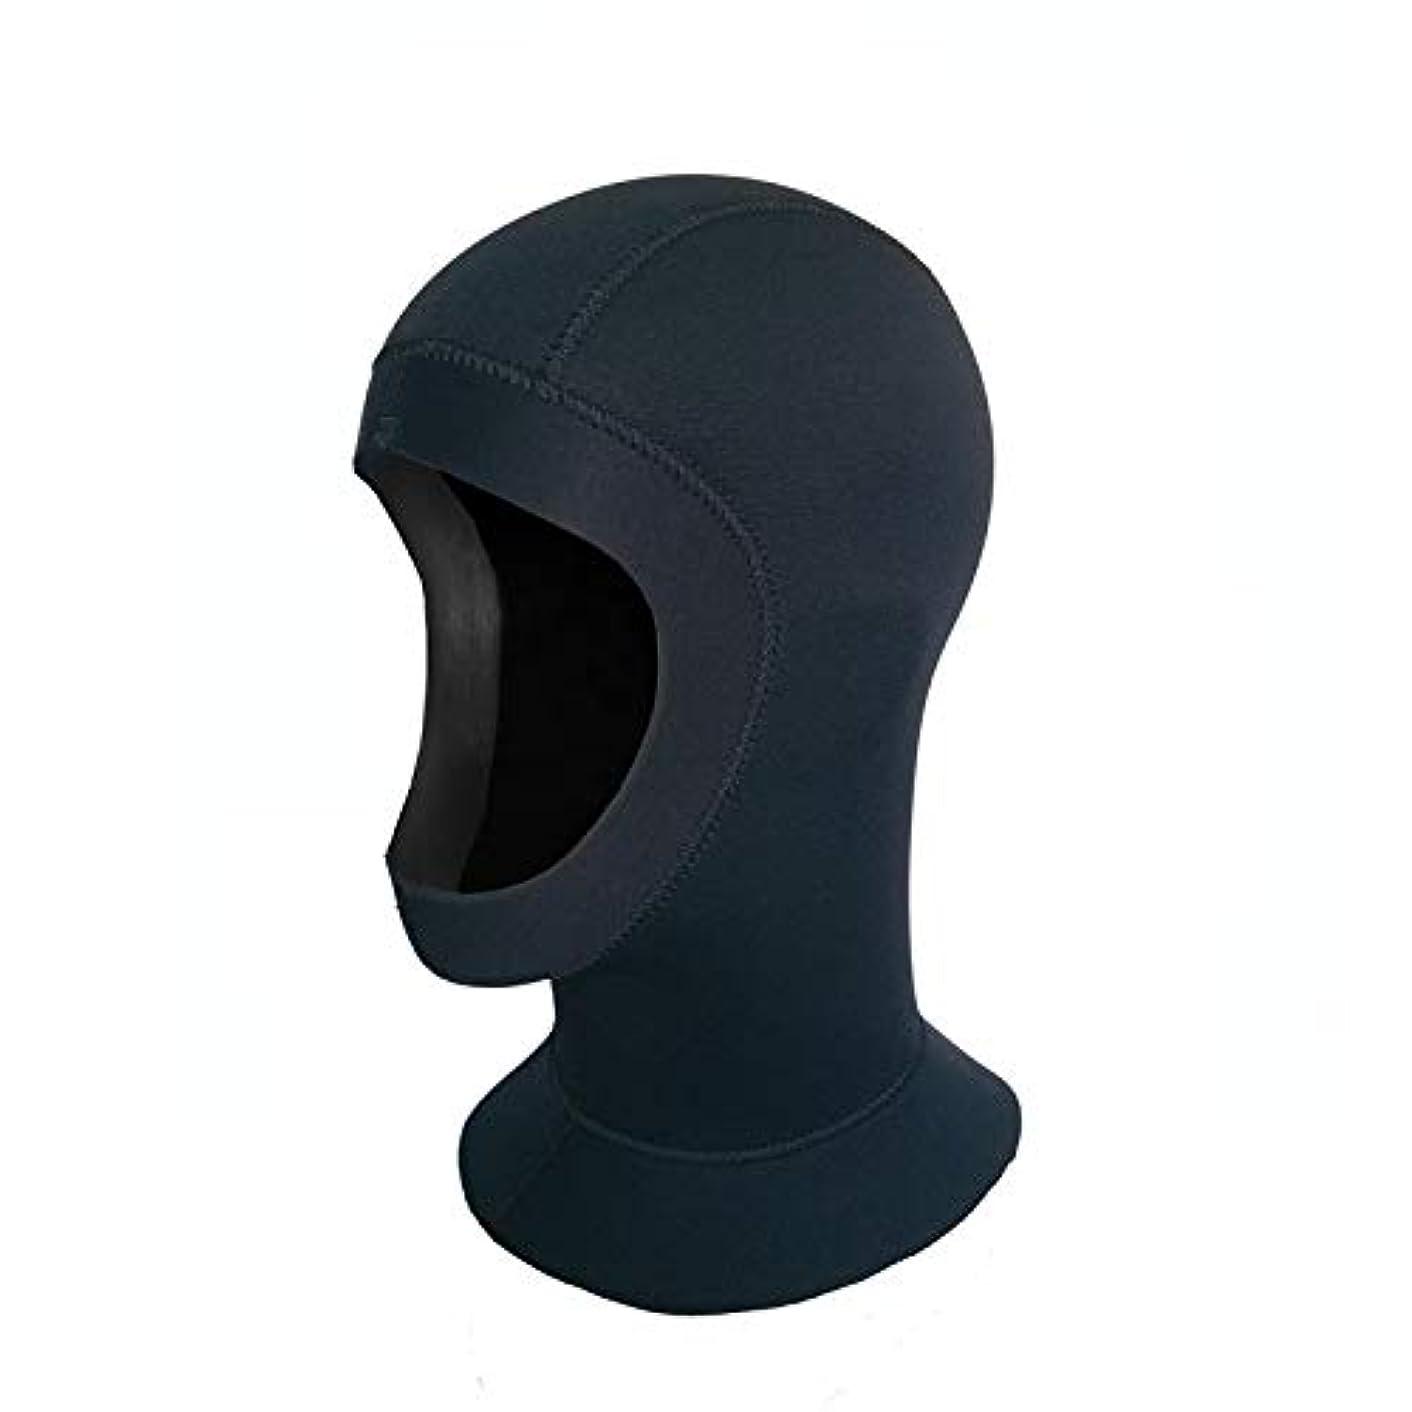 国民承知しましたカトリック教徒MORGEN SKY ダイビング フード 3mm/5mm ネオプレーンフード サーフィン フィッシング スイムキャップ 保温防寒 シュノーケリングキャップ サーフフード ブラック 1131